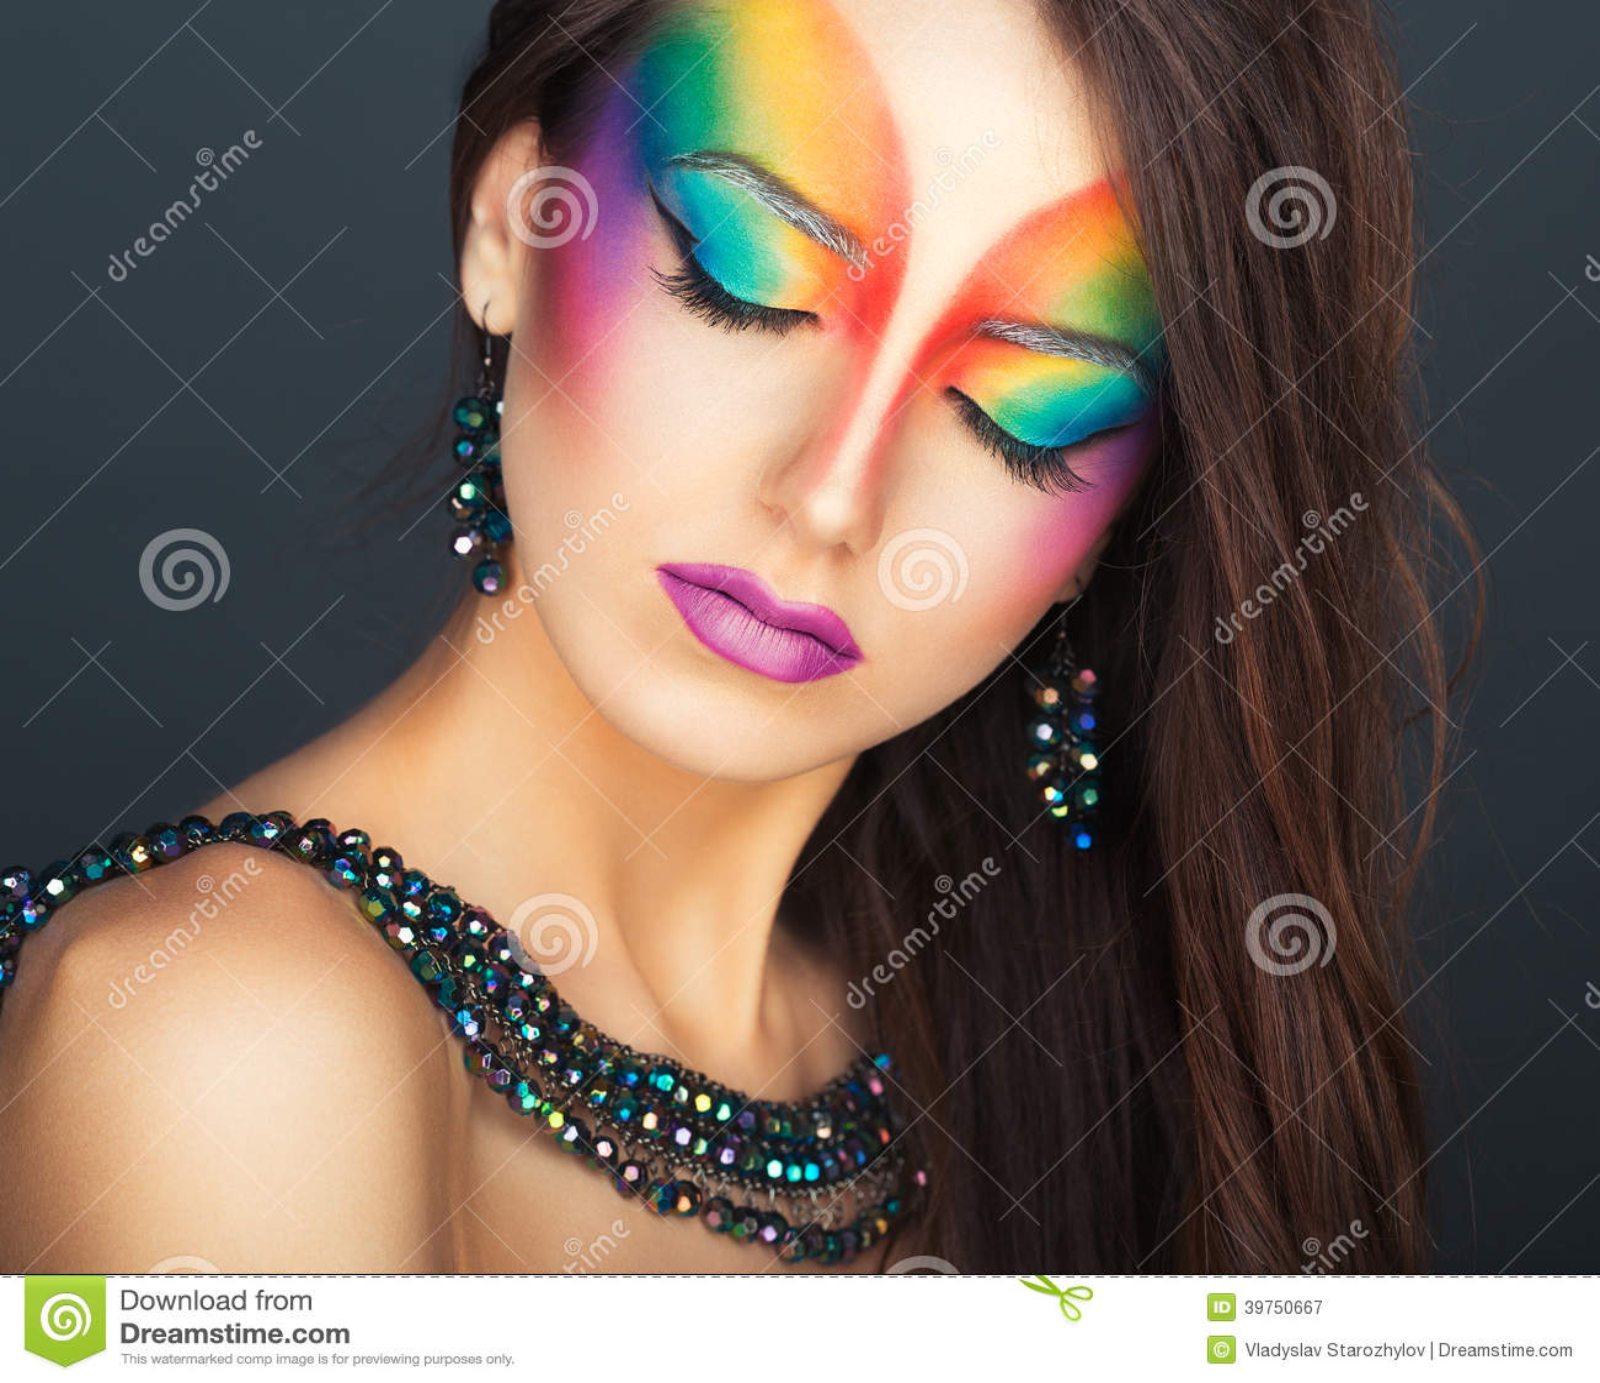 Porträt eines jungen schönen Mädchens mit einem Mode hellen multico